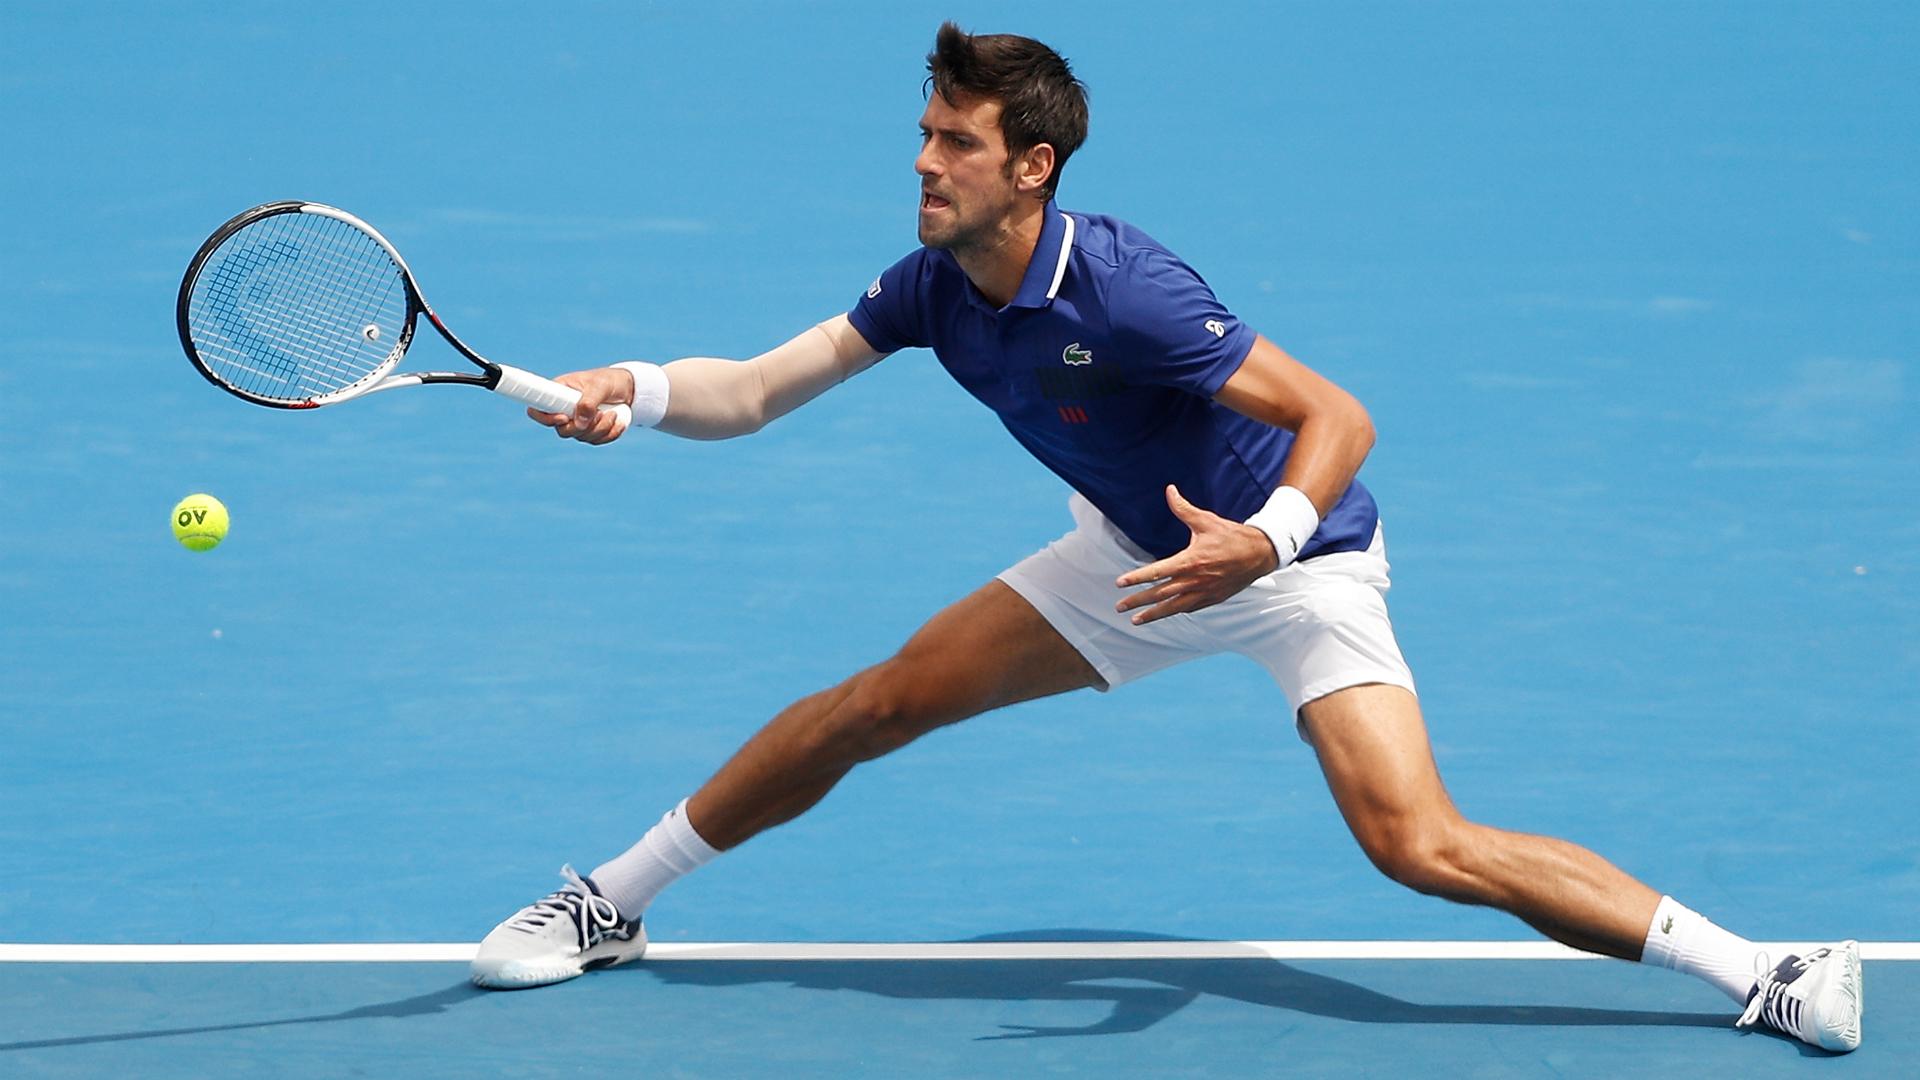 Djokovic back with a bang at Kooyong